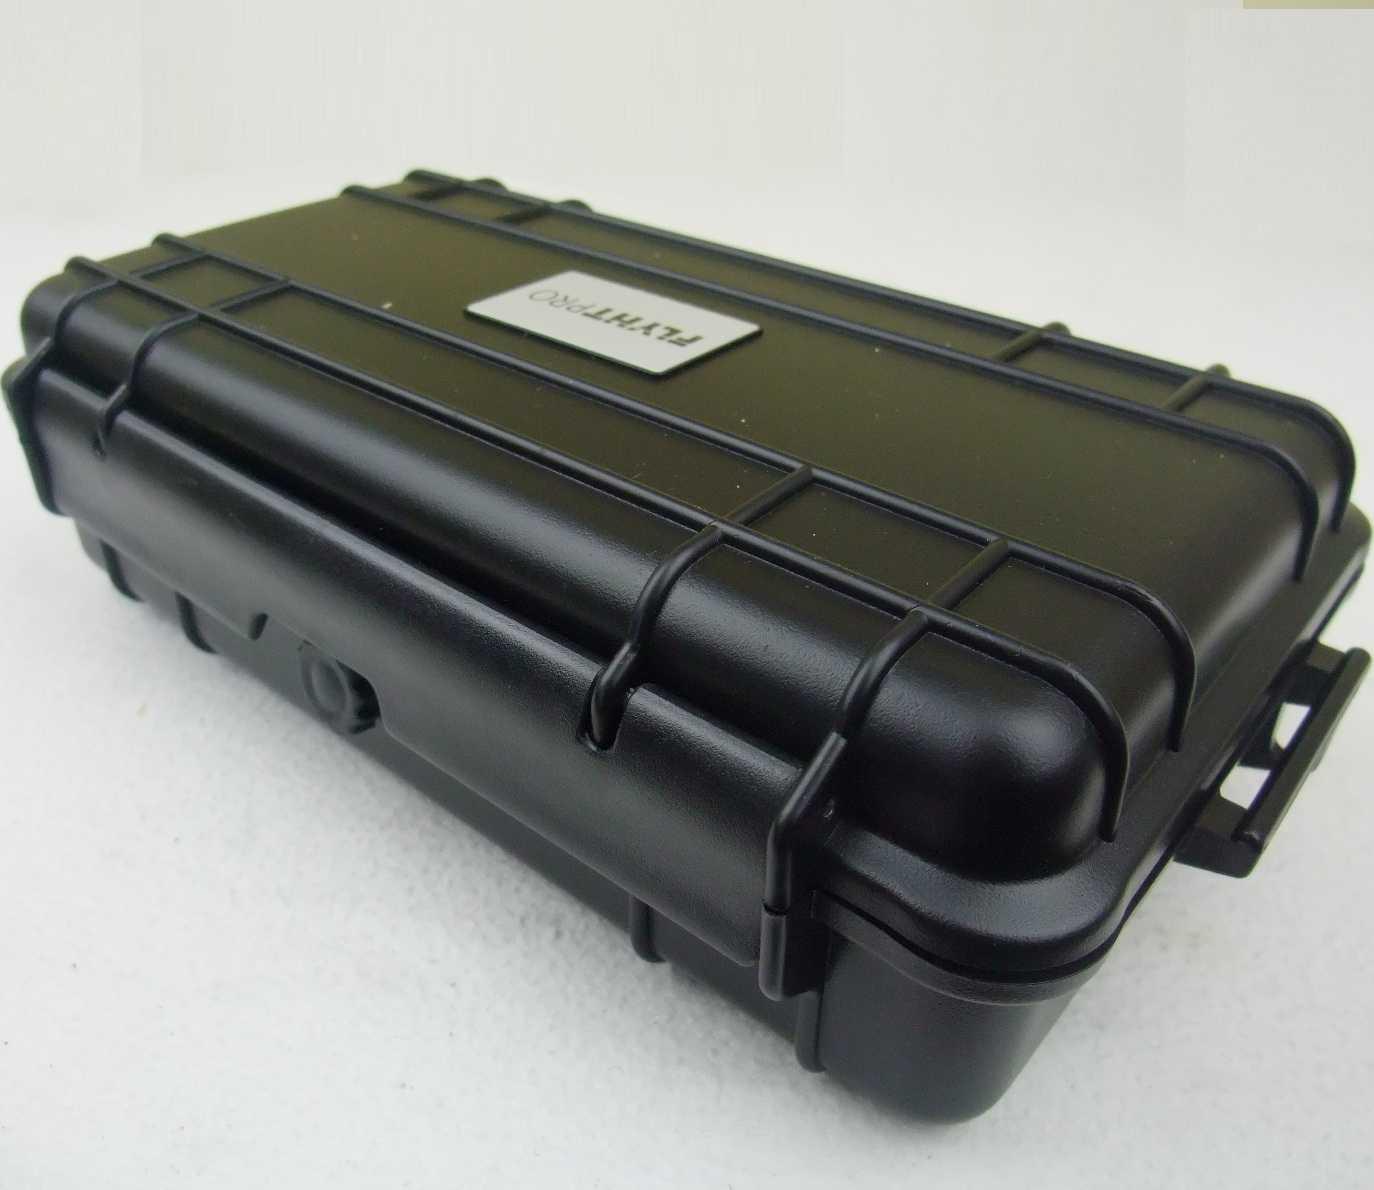 strahlwasserdichter kunststoff koffer koffercase ip65 transportbox wp safe box 6 ebay. Black Bedroom Furniture Sets. Home Design Ideas